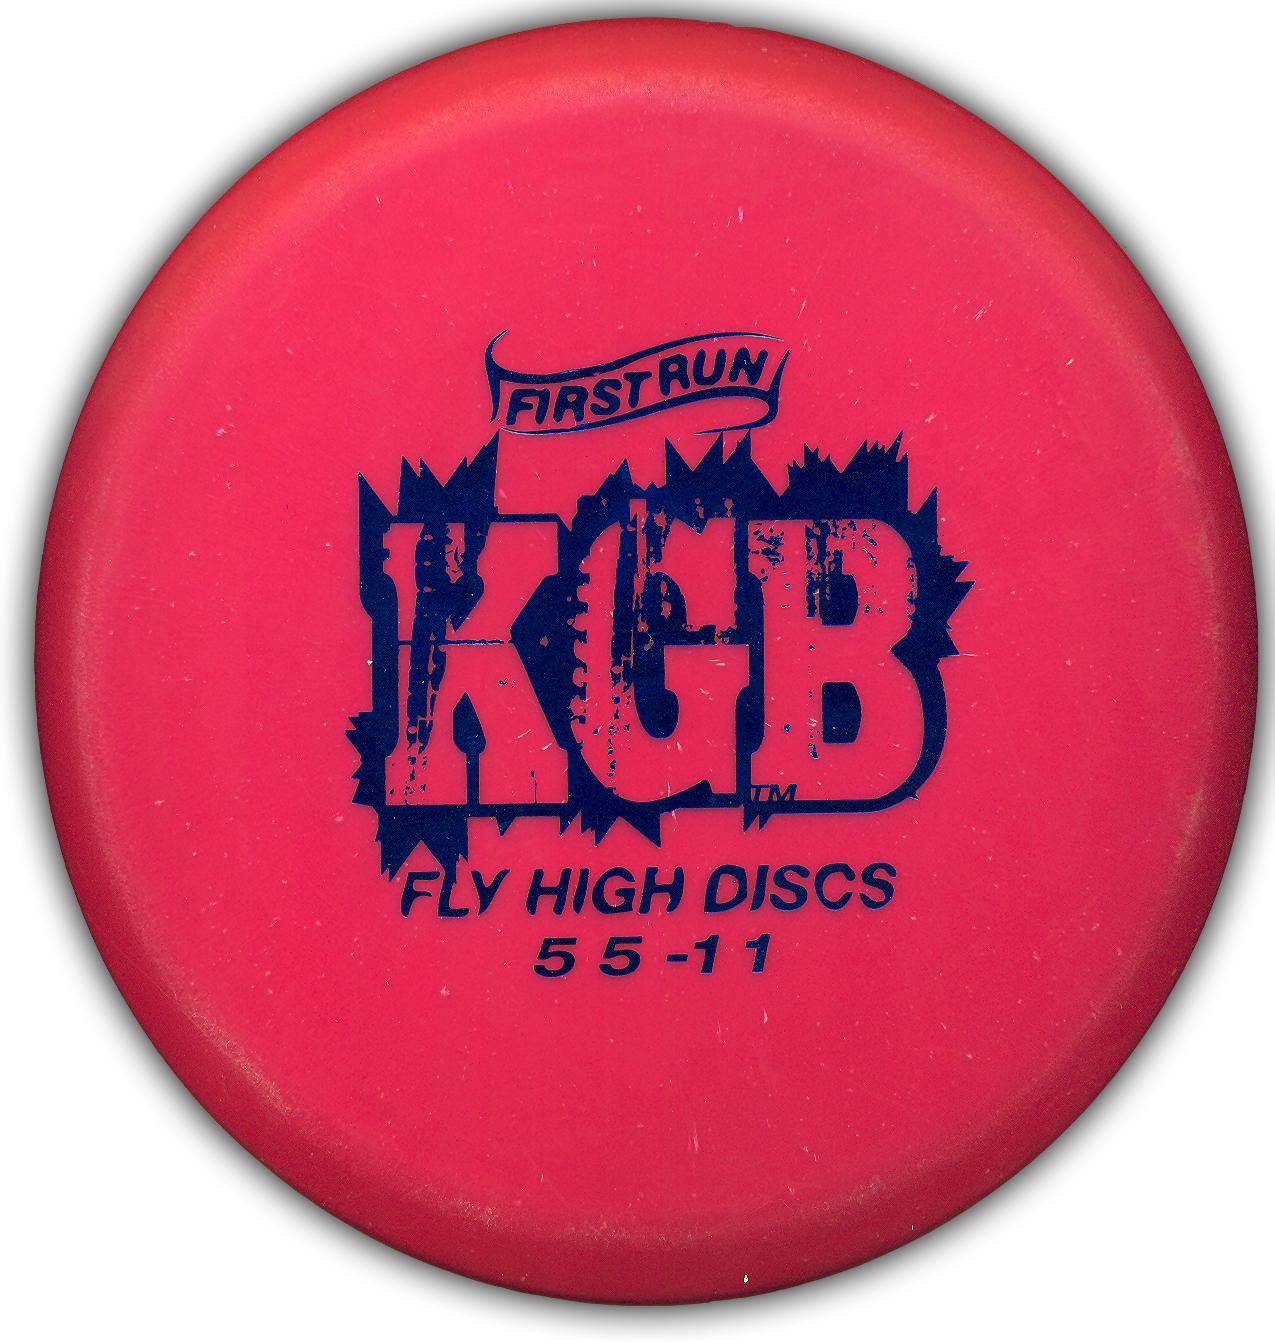 KGB, 1st Run